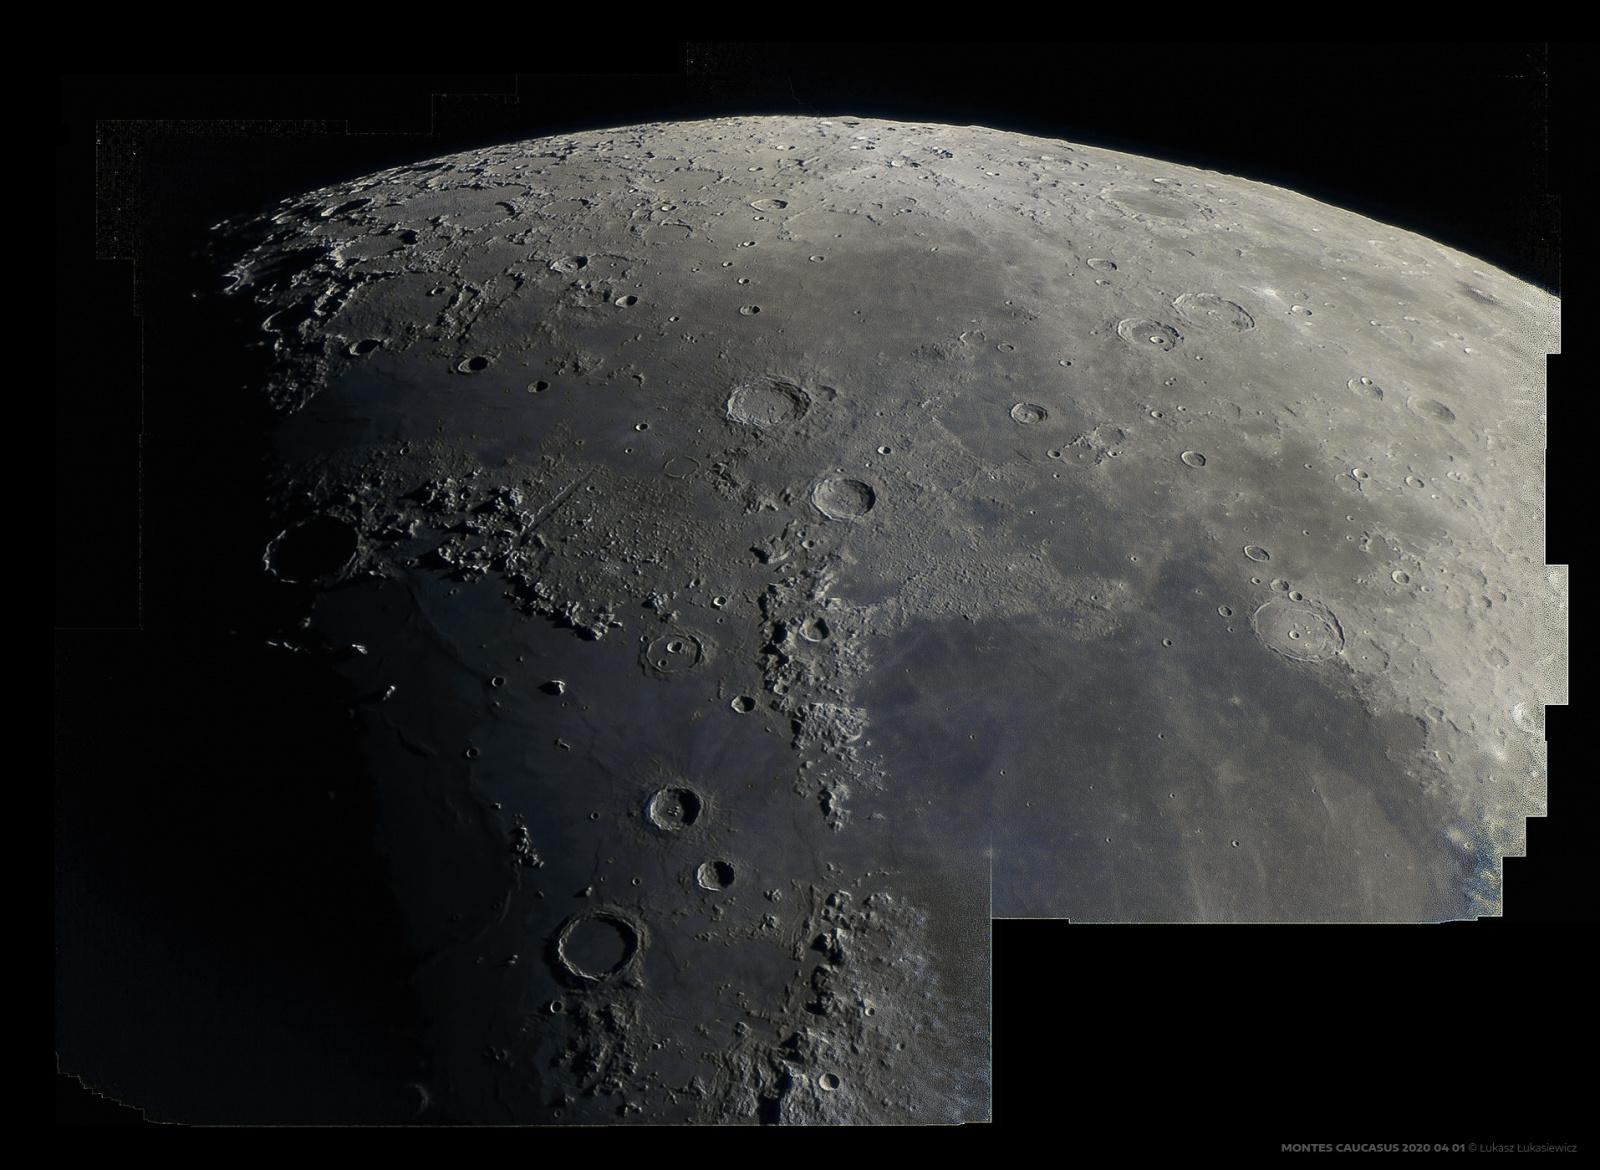 MONTES-CAUCASUS-2020-04-01.jpg